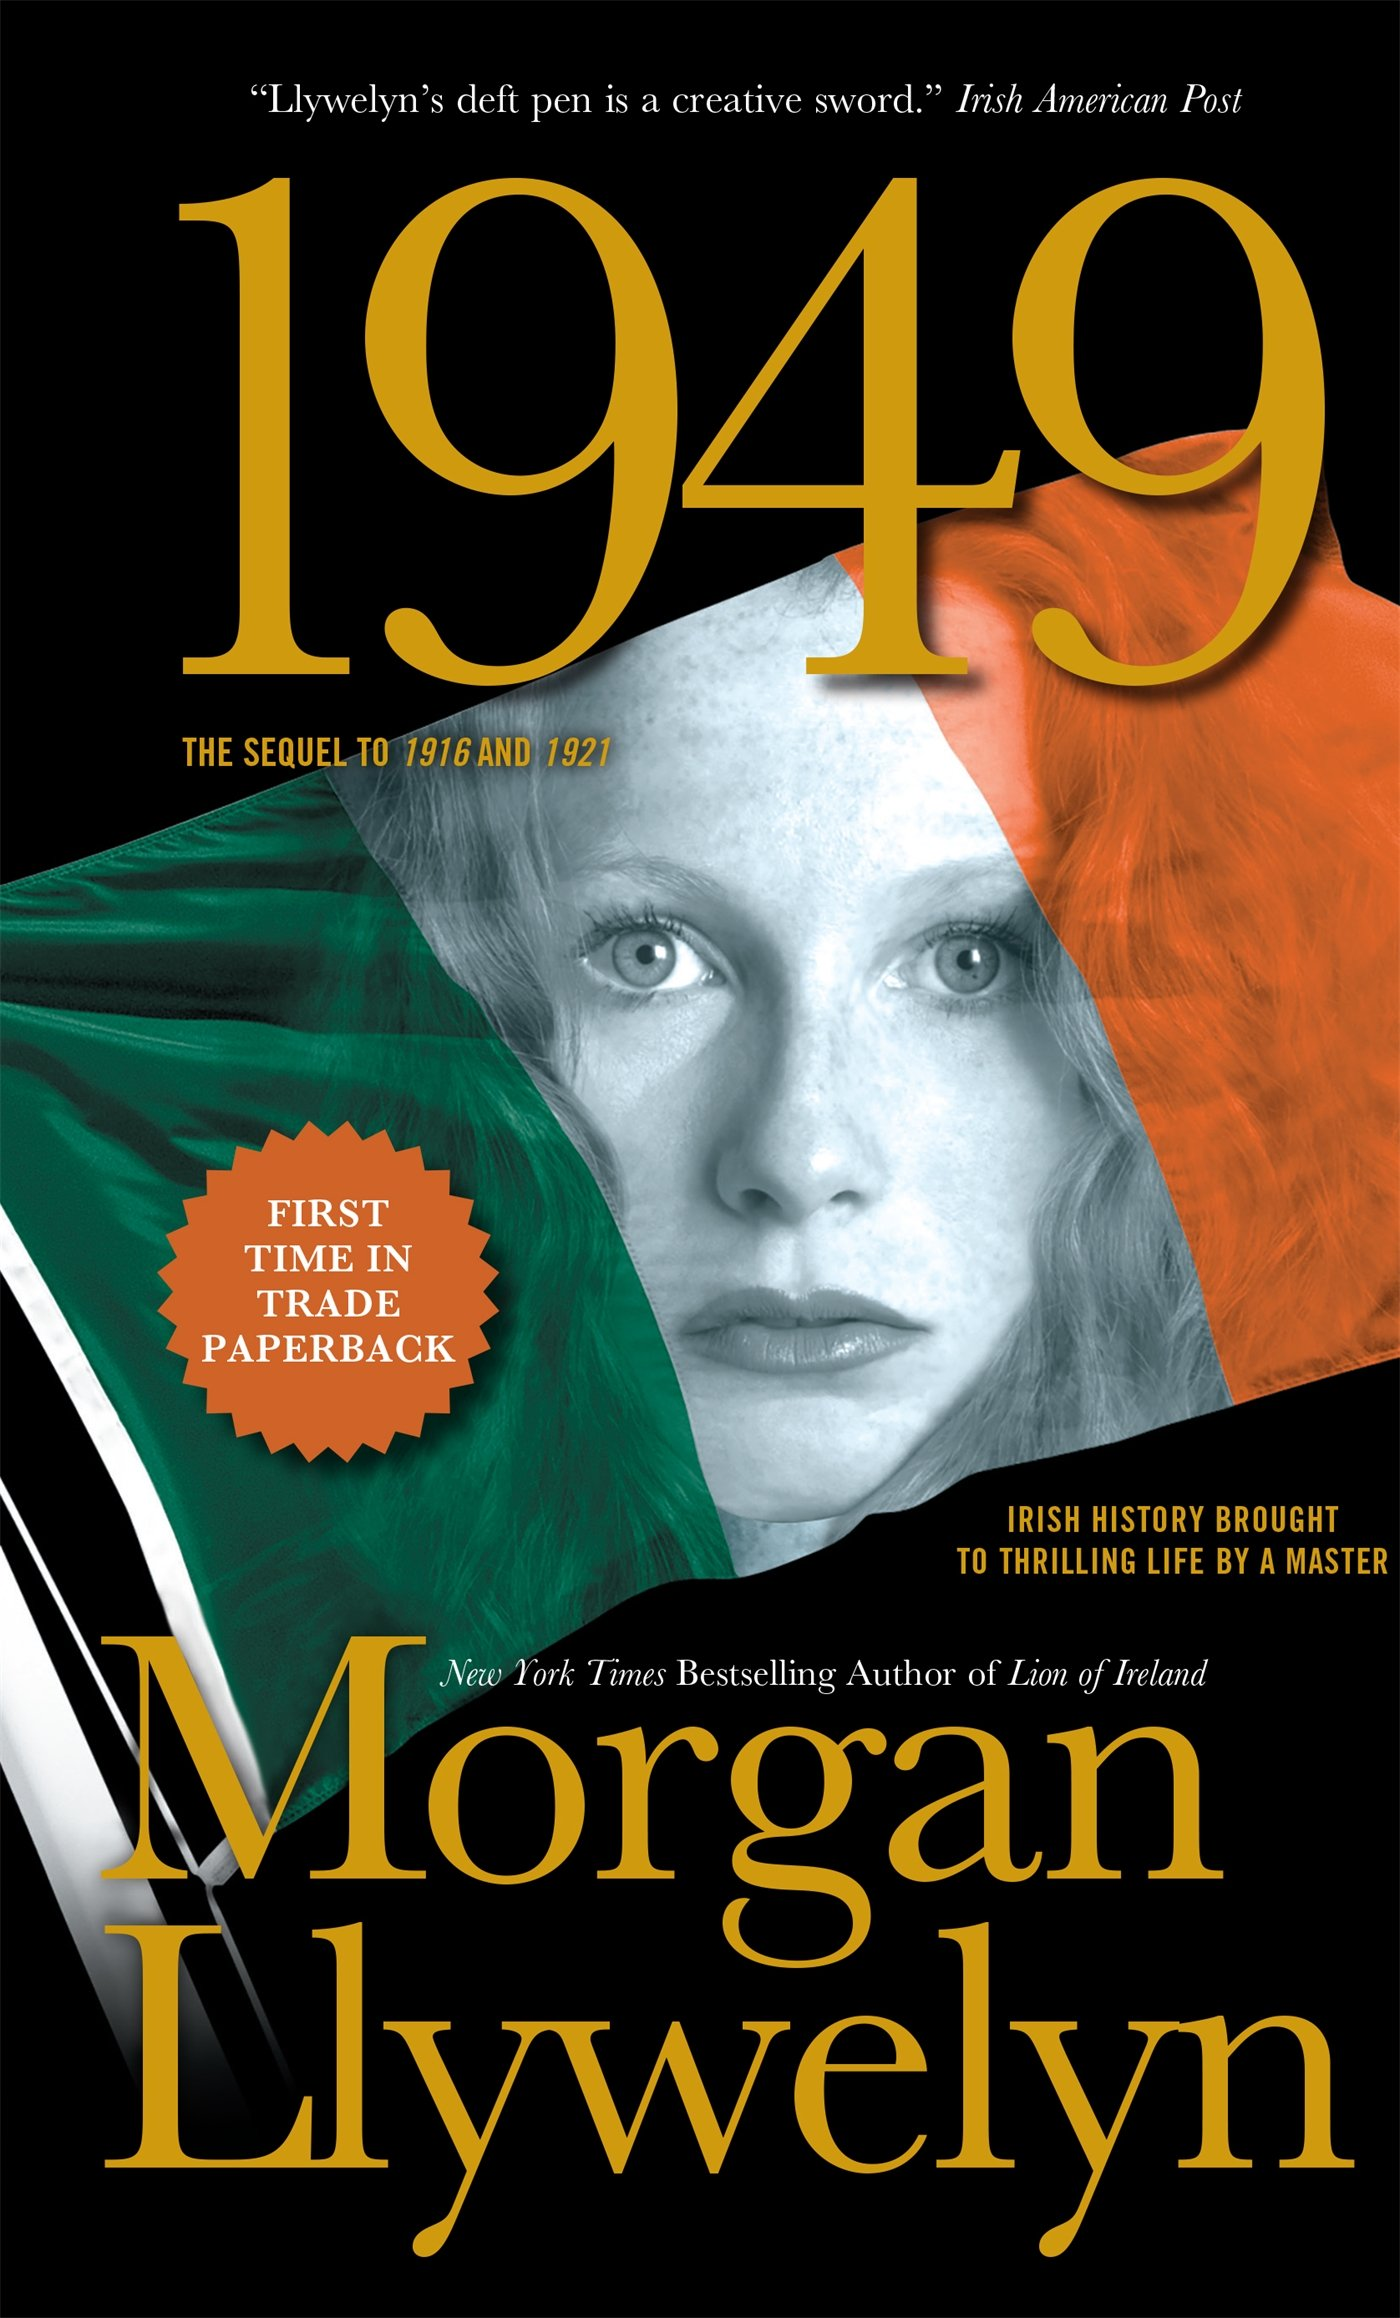 Morgan Llywelyn